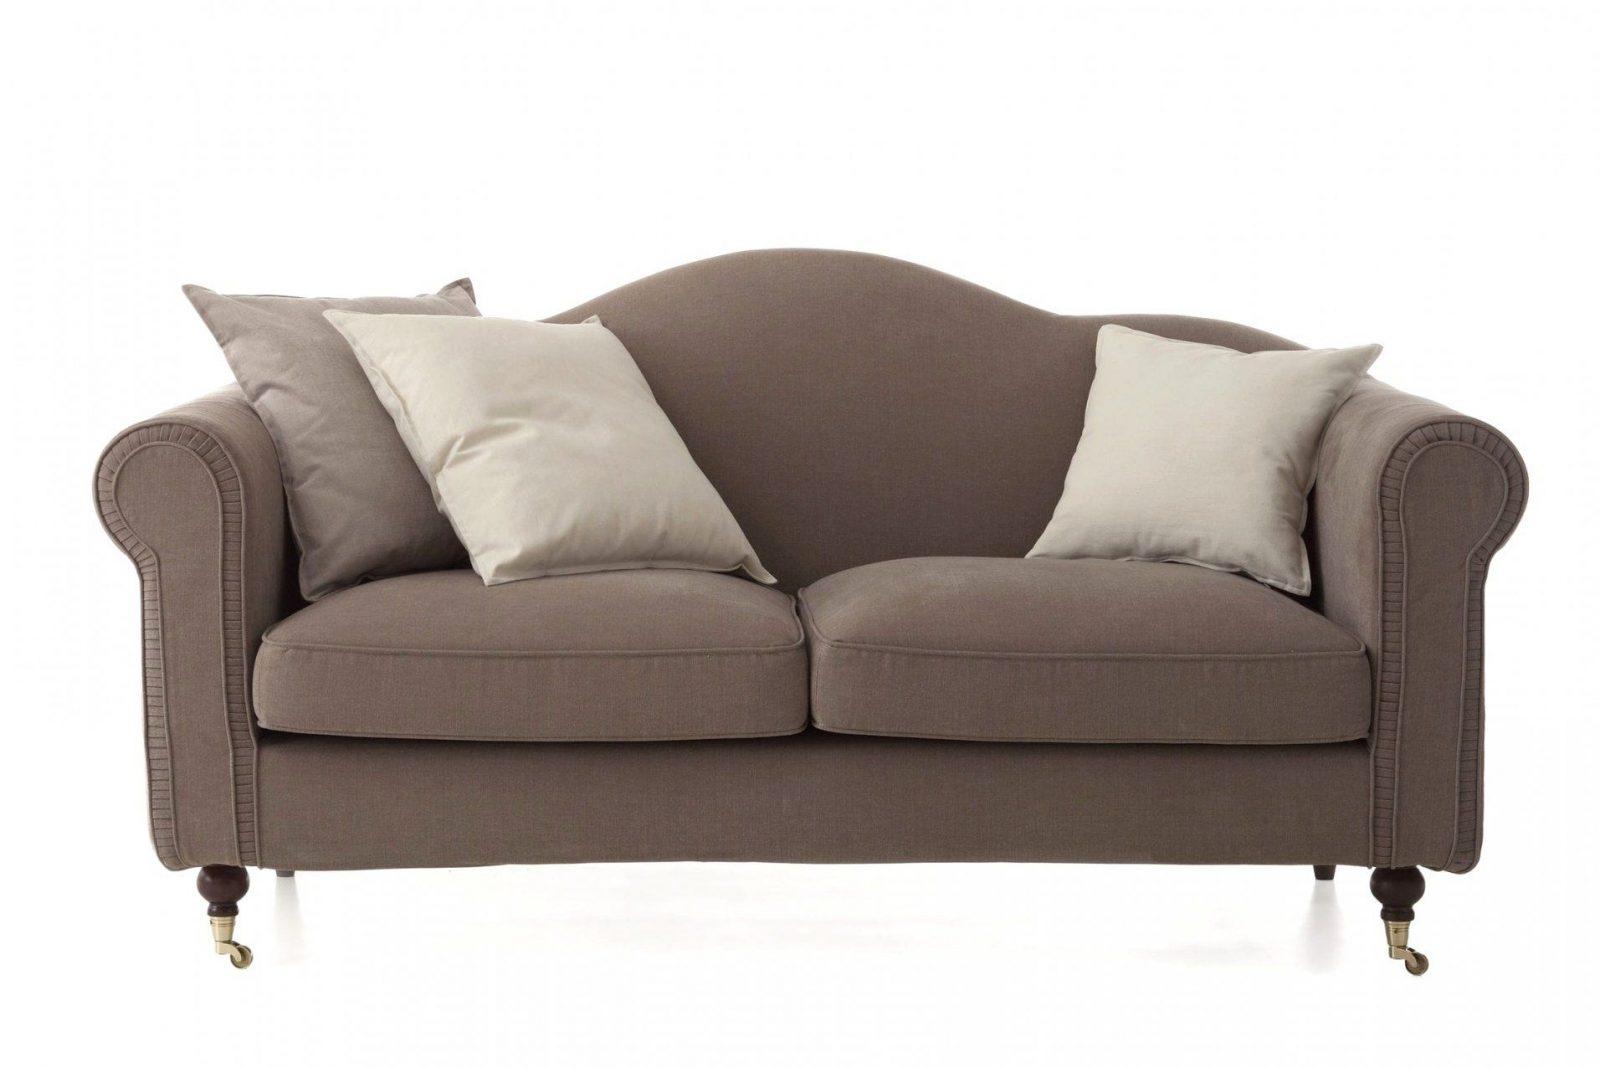 Klassische Sofas Im Landhausstil Mit Ansprechend Auf Wohnzimmer von Klassische Sofas Im Landhausstil Bild